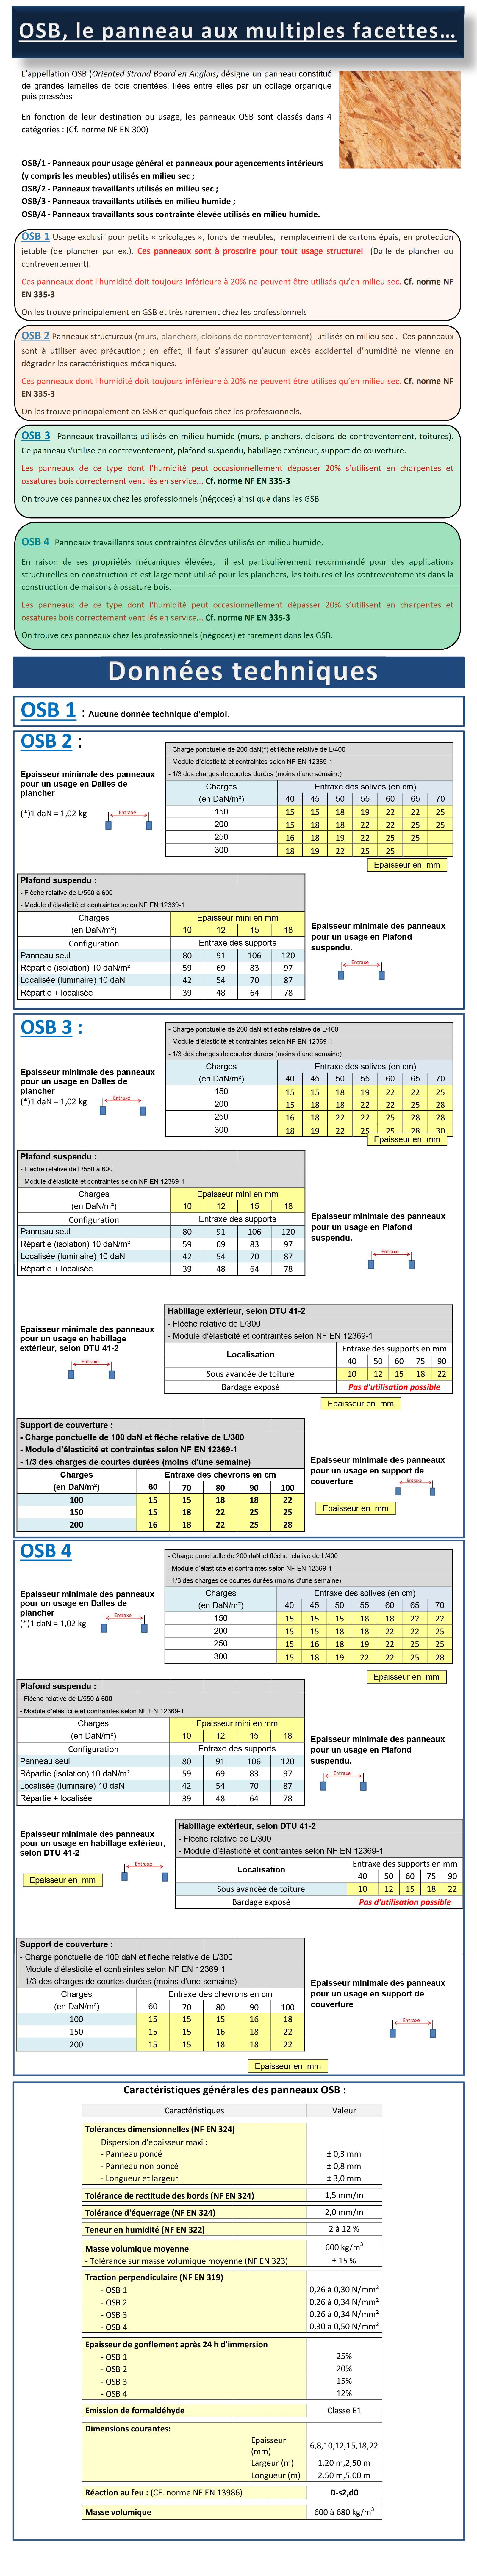 Usages et données techniques des panneaux et dalles OSB